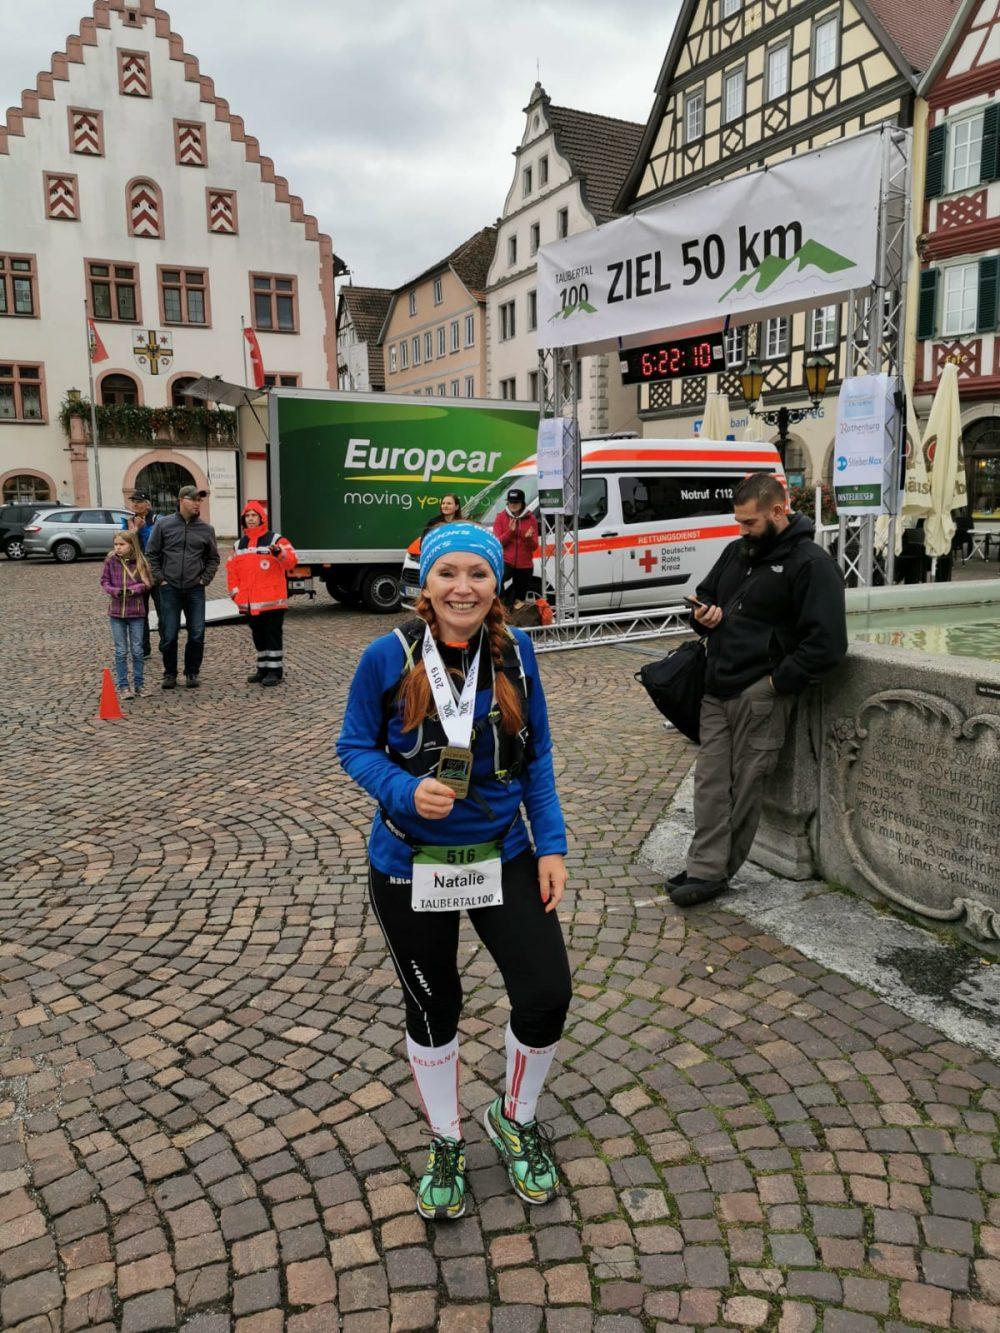 Ziel Bad Mergentheim 50 km